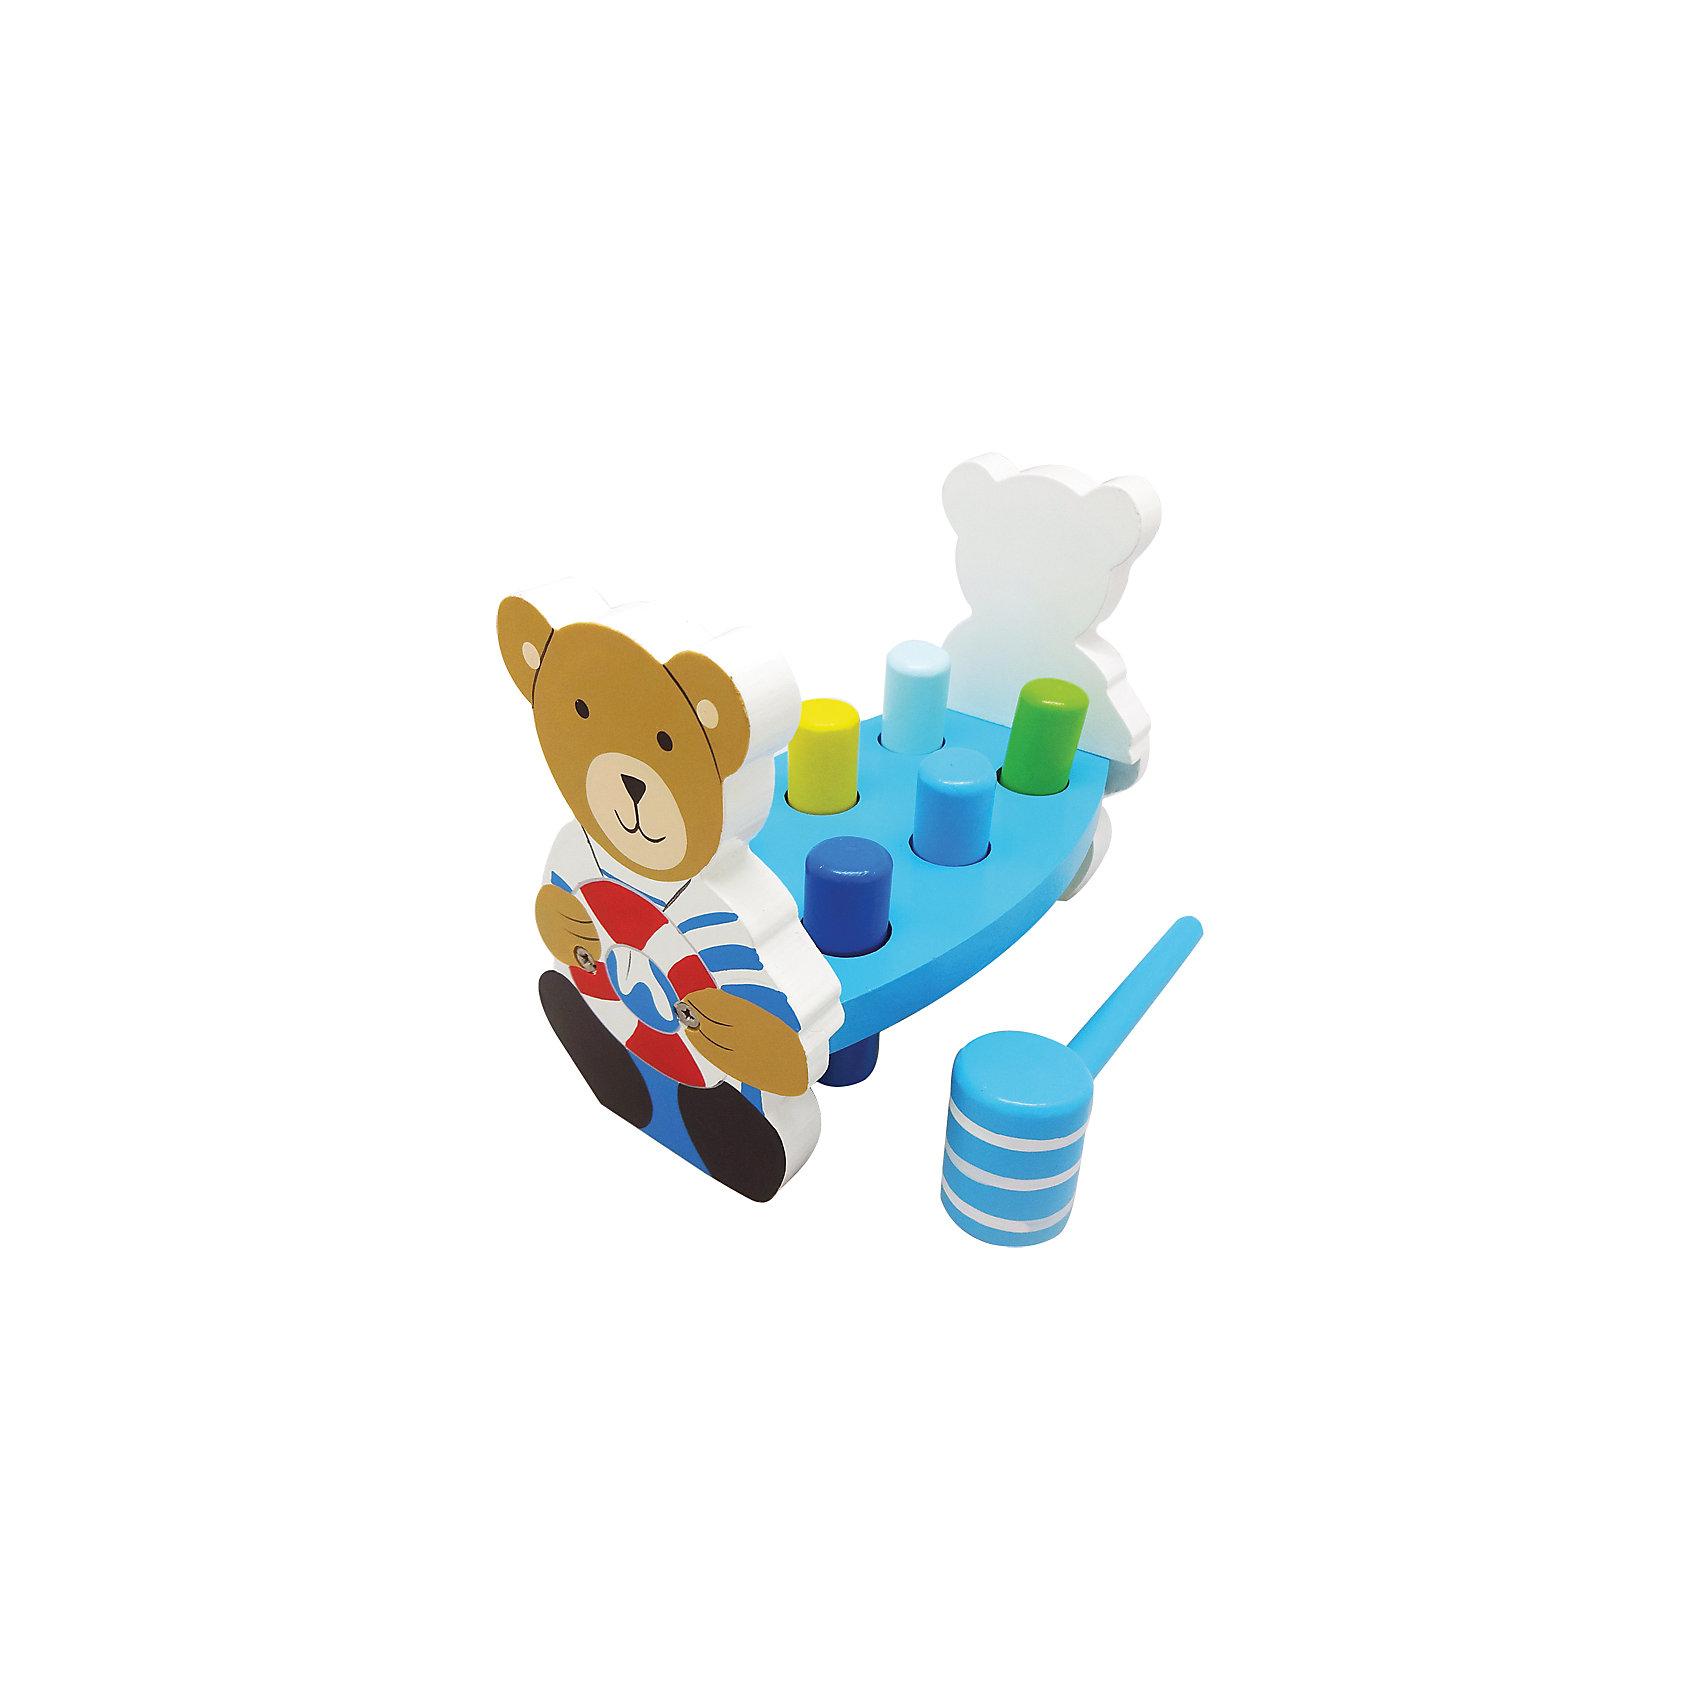 Игра с молоточком Капитан, MapachaРазвивающие игры<br>Игра «Капитан» - развивающая игрушка, направленная на улучшение координации и внимания маленького ребенка. Основа игрушки – платформа с цилиндрами, которые необходимо забить молоточком в отверстия, в которые они установлены. По бокам на малыша смотрит веселый капитан – медвежонок. Компания Mapacha – абсолютный лидер по производству экологически чистых игрушек для детей ясельного возраста. Материалы, использованные при изготовлении товара, абсолютно безопасны и отвечают всем международным требованиям по качеству.<br><br>Дополнительные характеристики:<br><br>материал: натуральное дерево;<br>цвет: разноцветный;<br>габариты: 20 X 12 X 16 см.<br><br>Игру с молоточком Капитан от компании Mapacha можно приобрести в нашем магазине.<br><br>Ширина мм: 420<br>Глубина мм: 345<br>Высота мм: 355<br>Вес г: 750<br>Возраст от месяцев: 12<br>Возраст до месяцев: 36<br>Пол: Унисекс<br>Возраст: Детский<br>SKU: 5032492